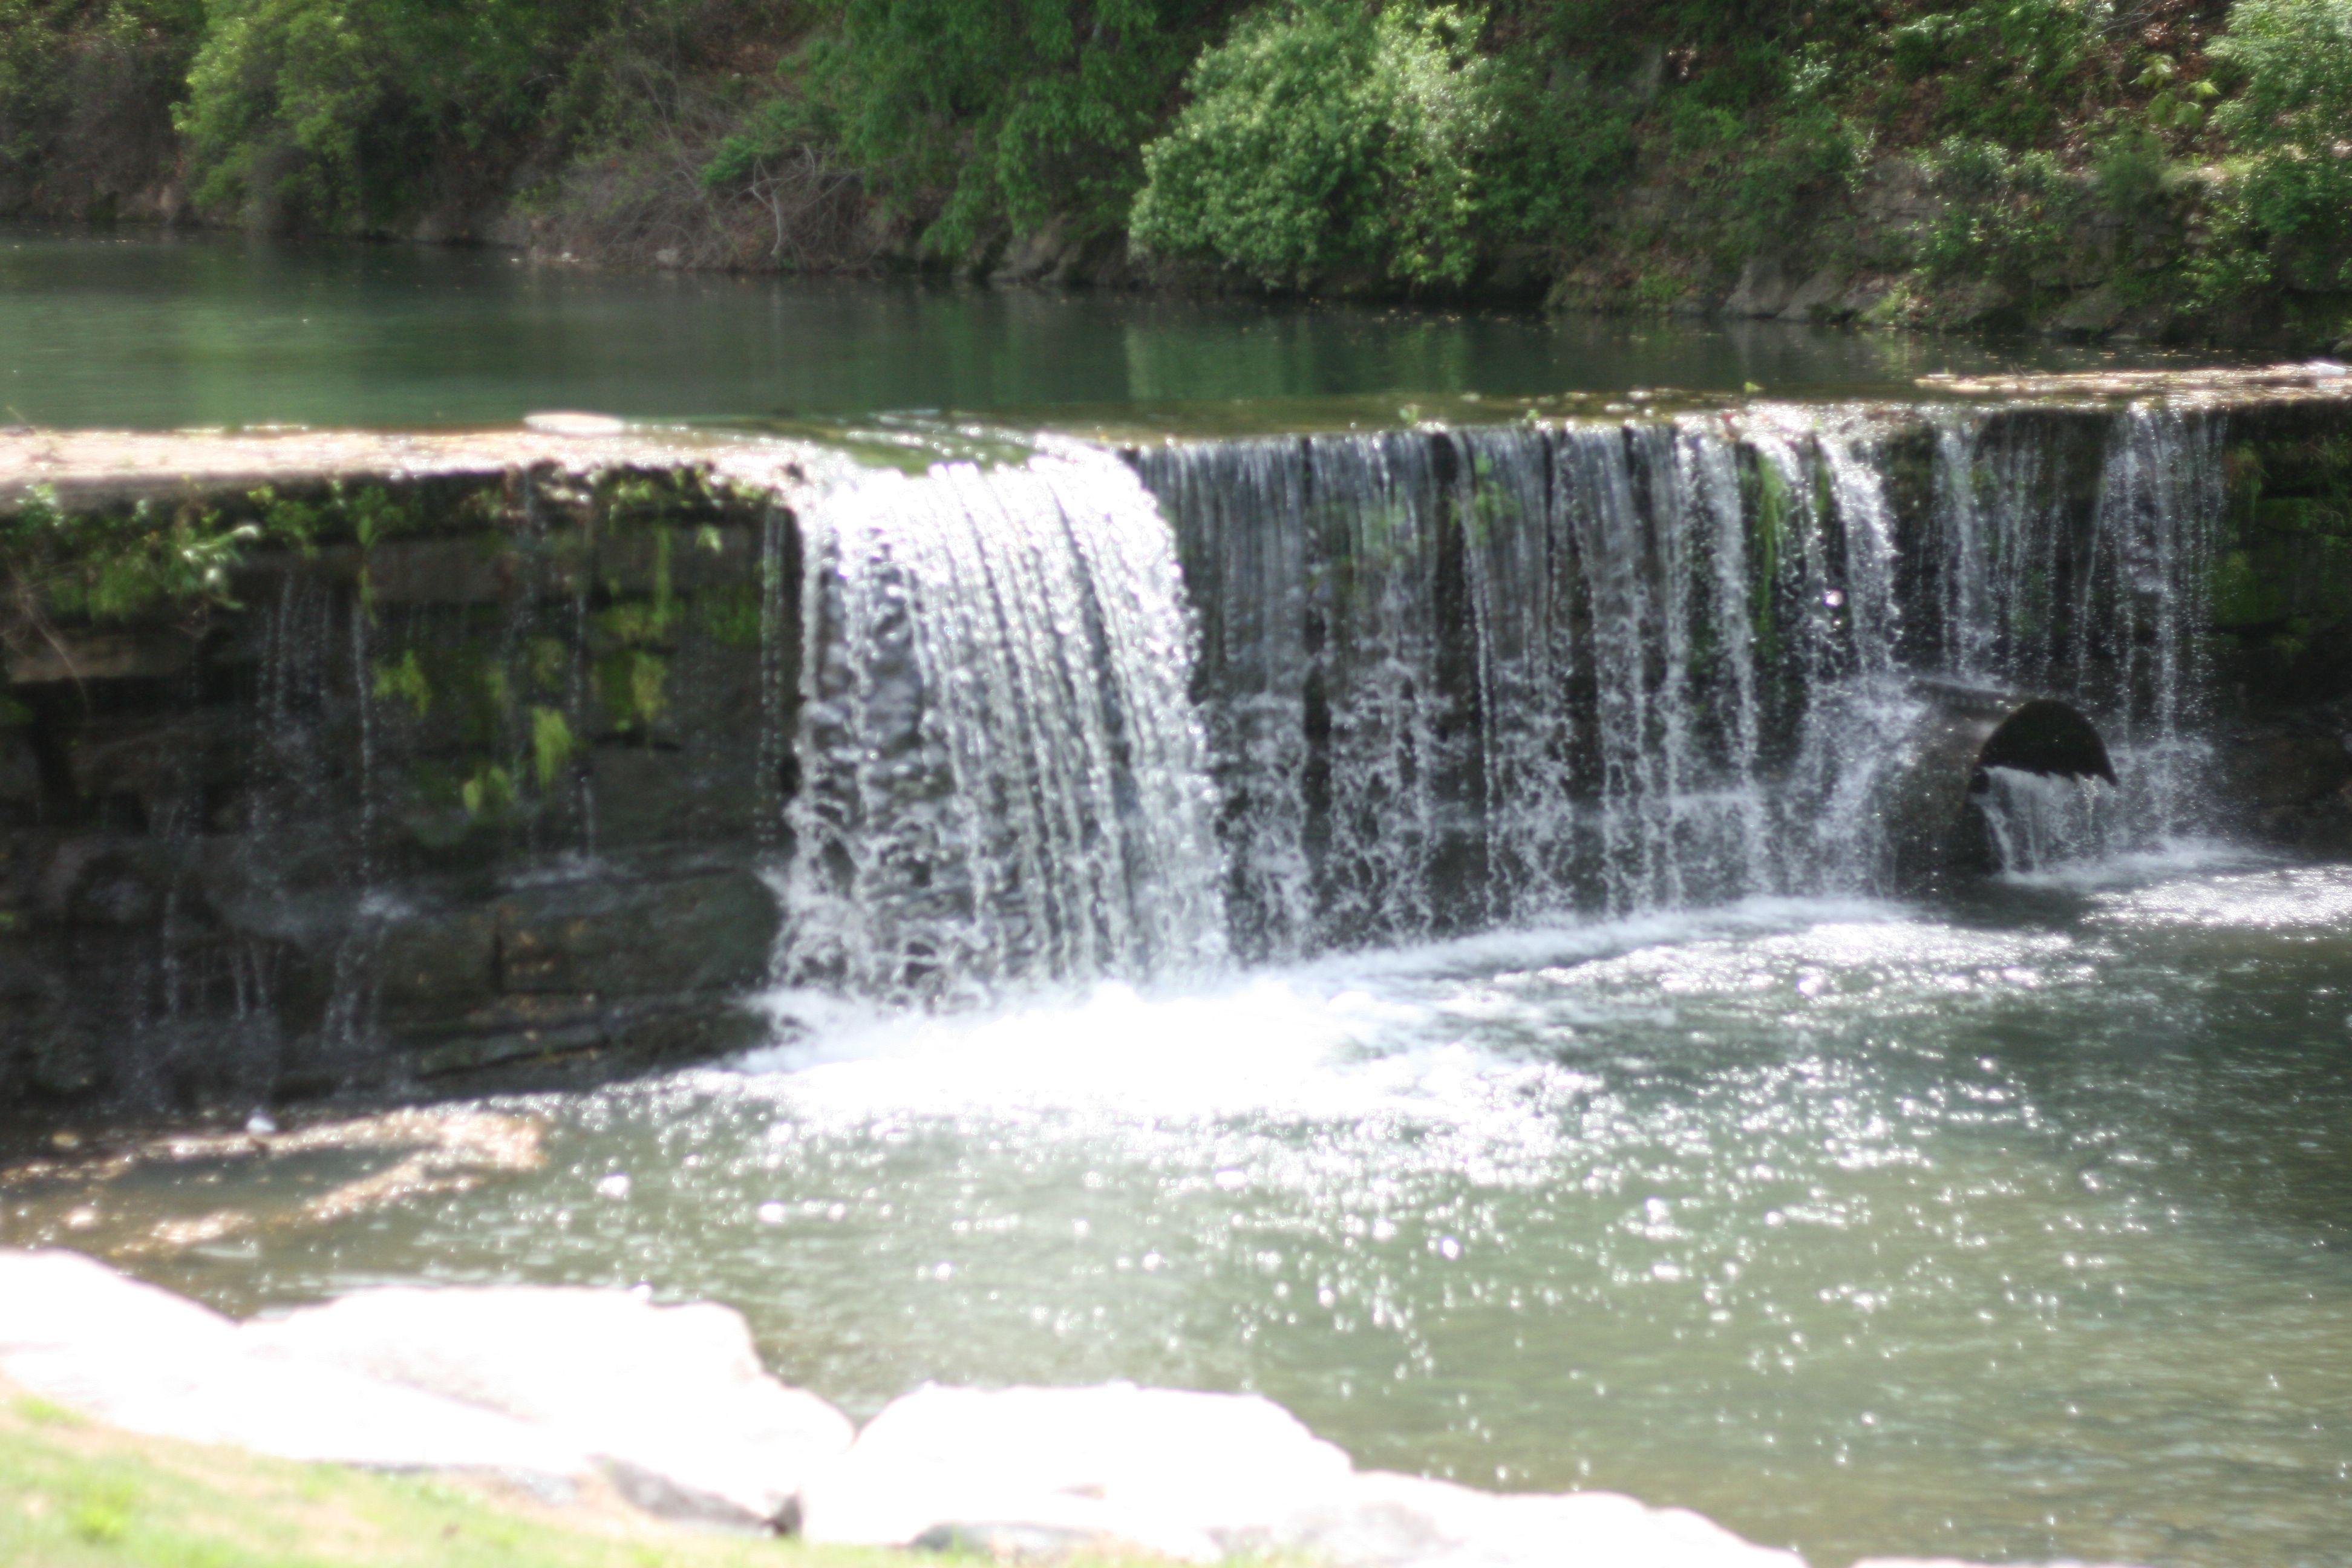 siloam springs Comunidad de hispanos en siloam springs, arkansas: búsqueda de trabajo, de amistad, preguntas sobre ciudades.